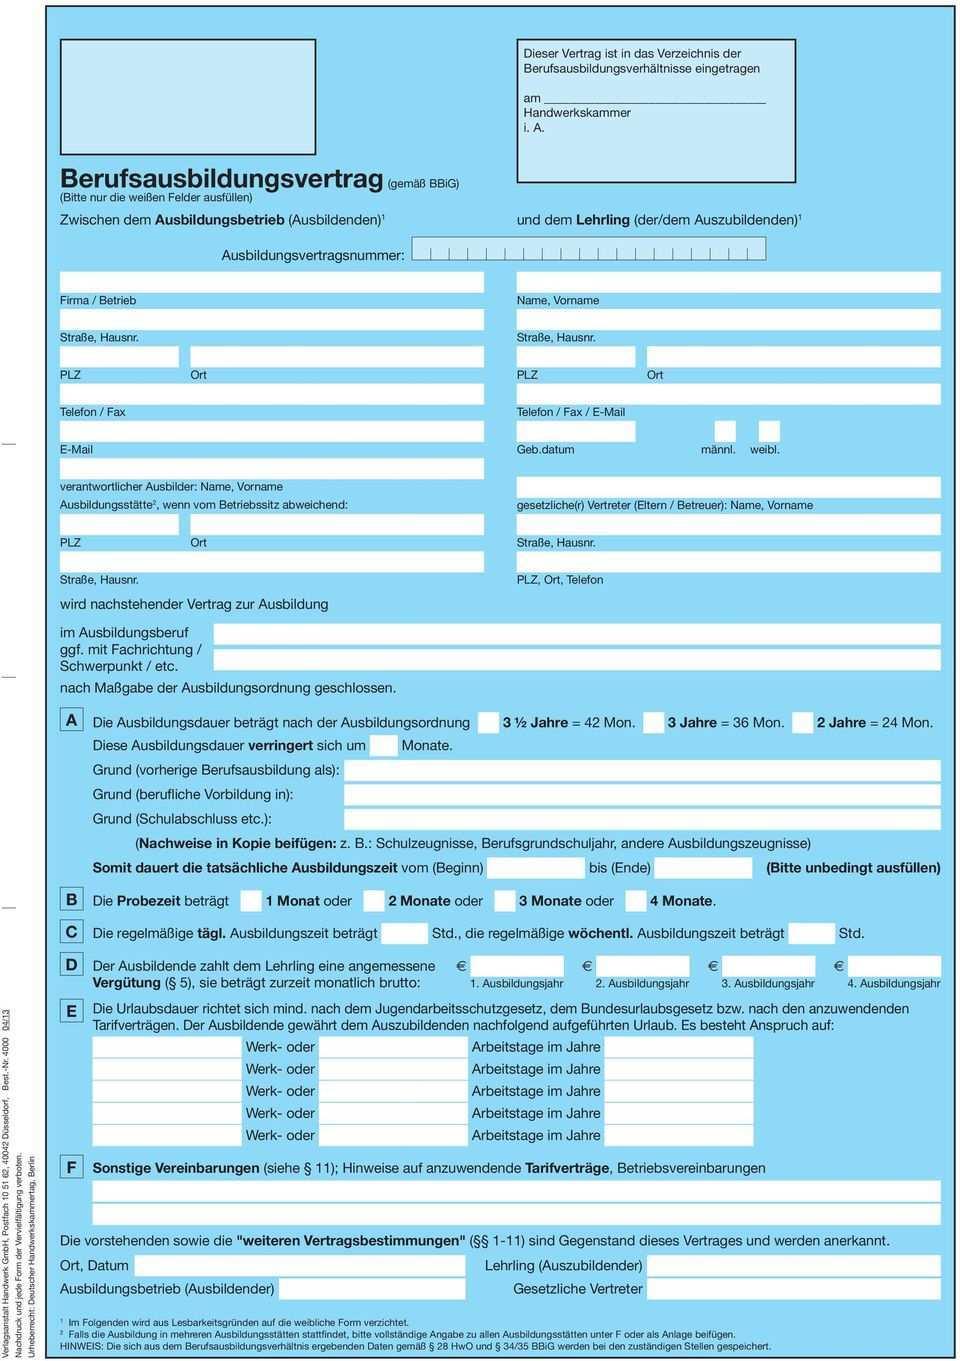 Bitte Um Beachtung 4 Vordrucke Berufsausbildungsvertrag Bestehend Aus Vorder Und Ruckseite Sowie Dieses Deckblatt Pdf Free Download